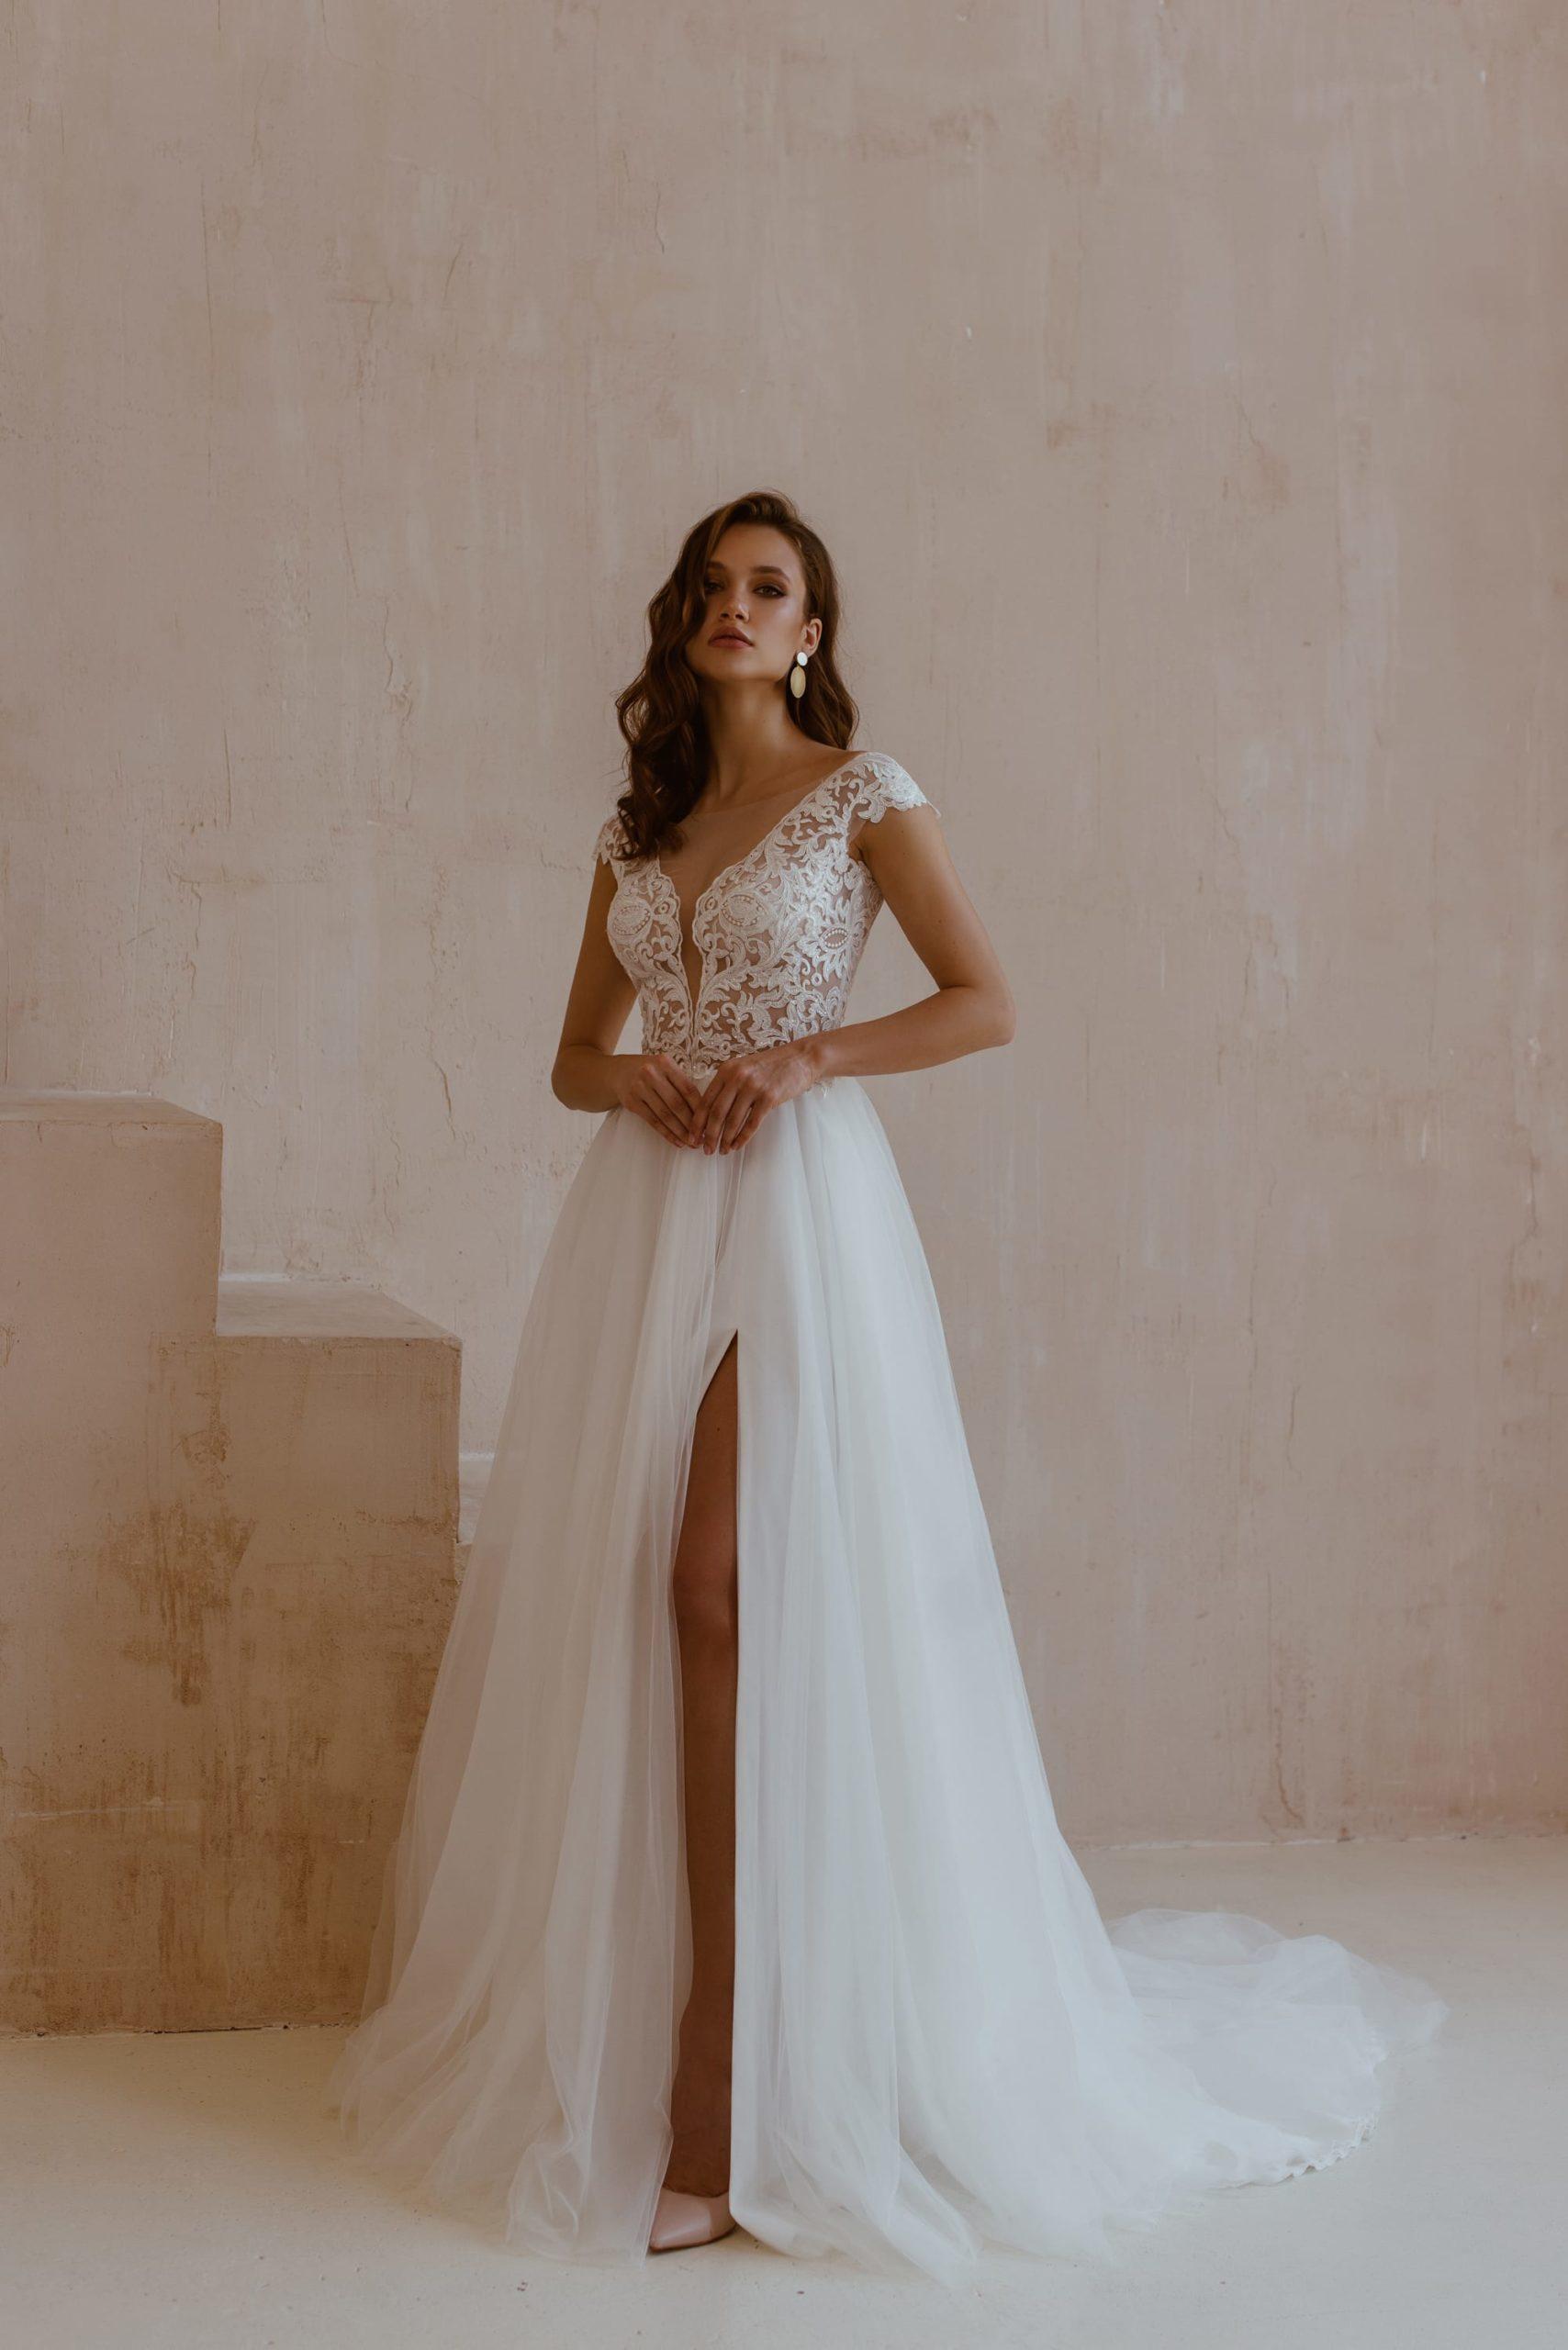 Robe de mariage A line Ariamo edition limitée blanc tulle dentelle dos nu fendue